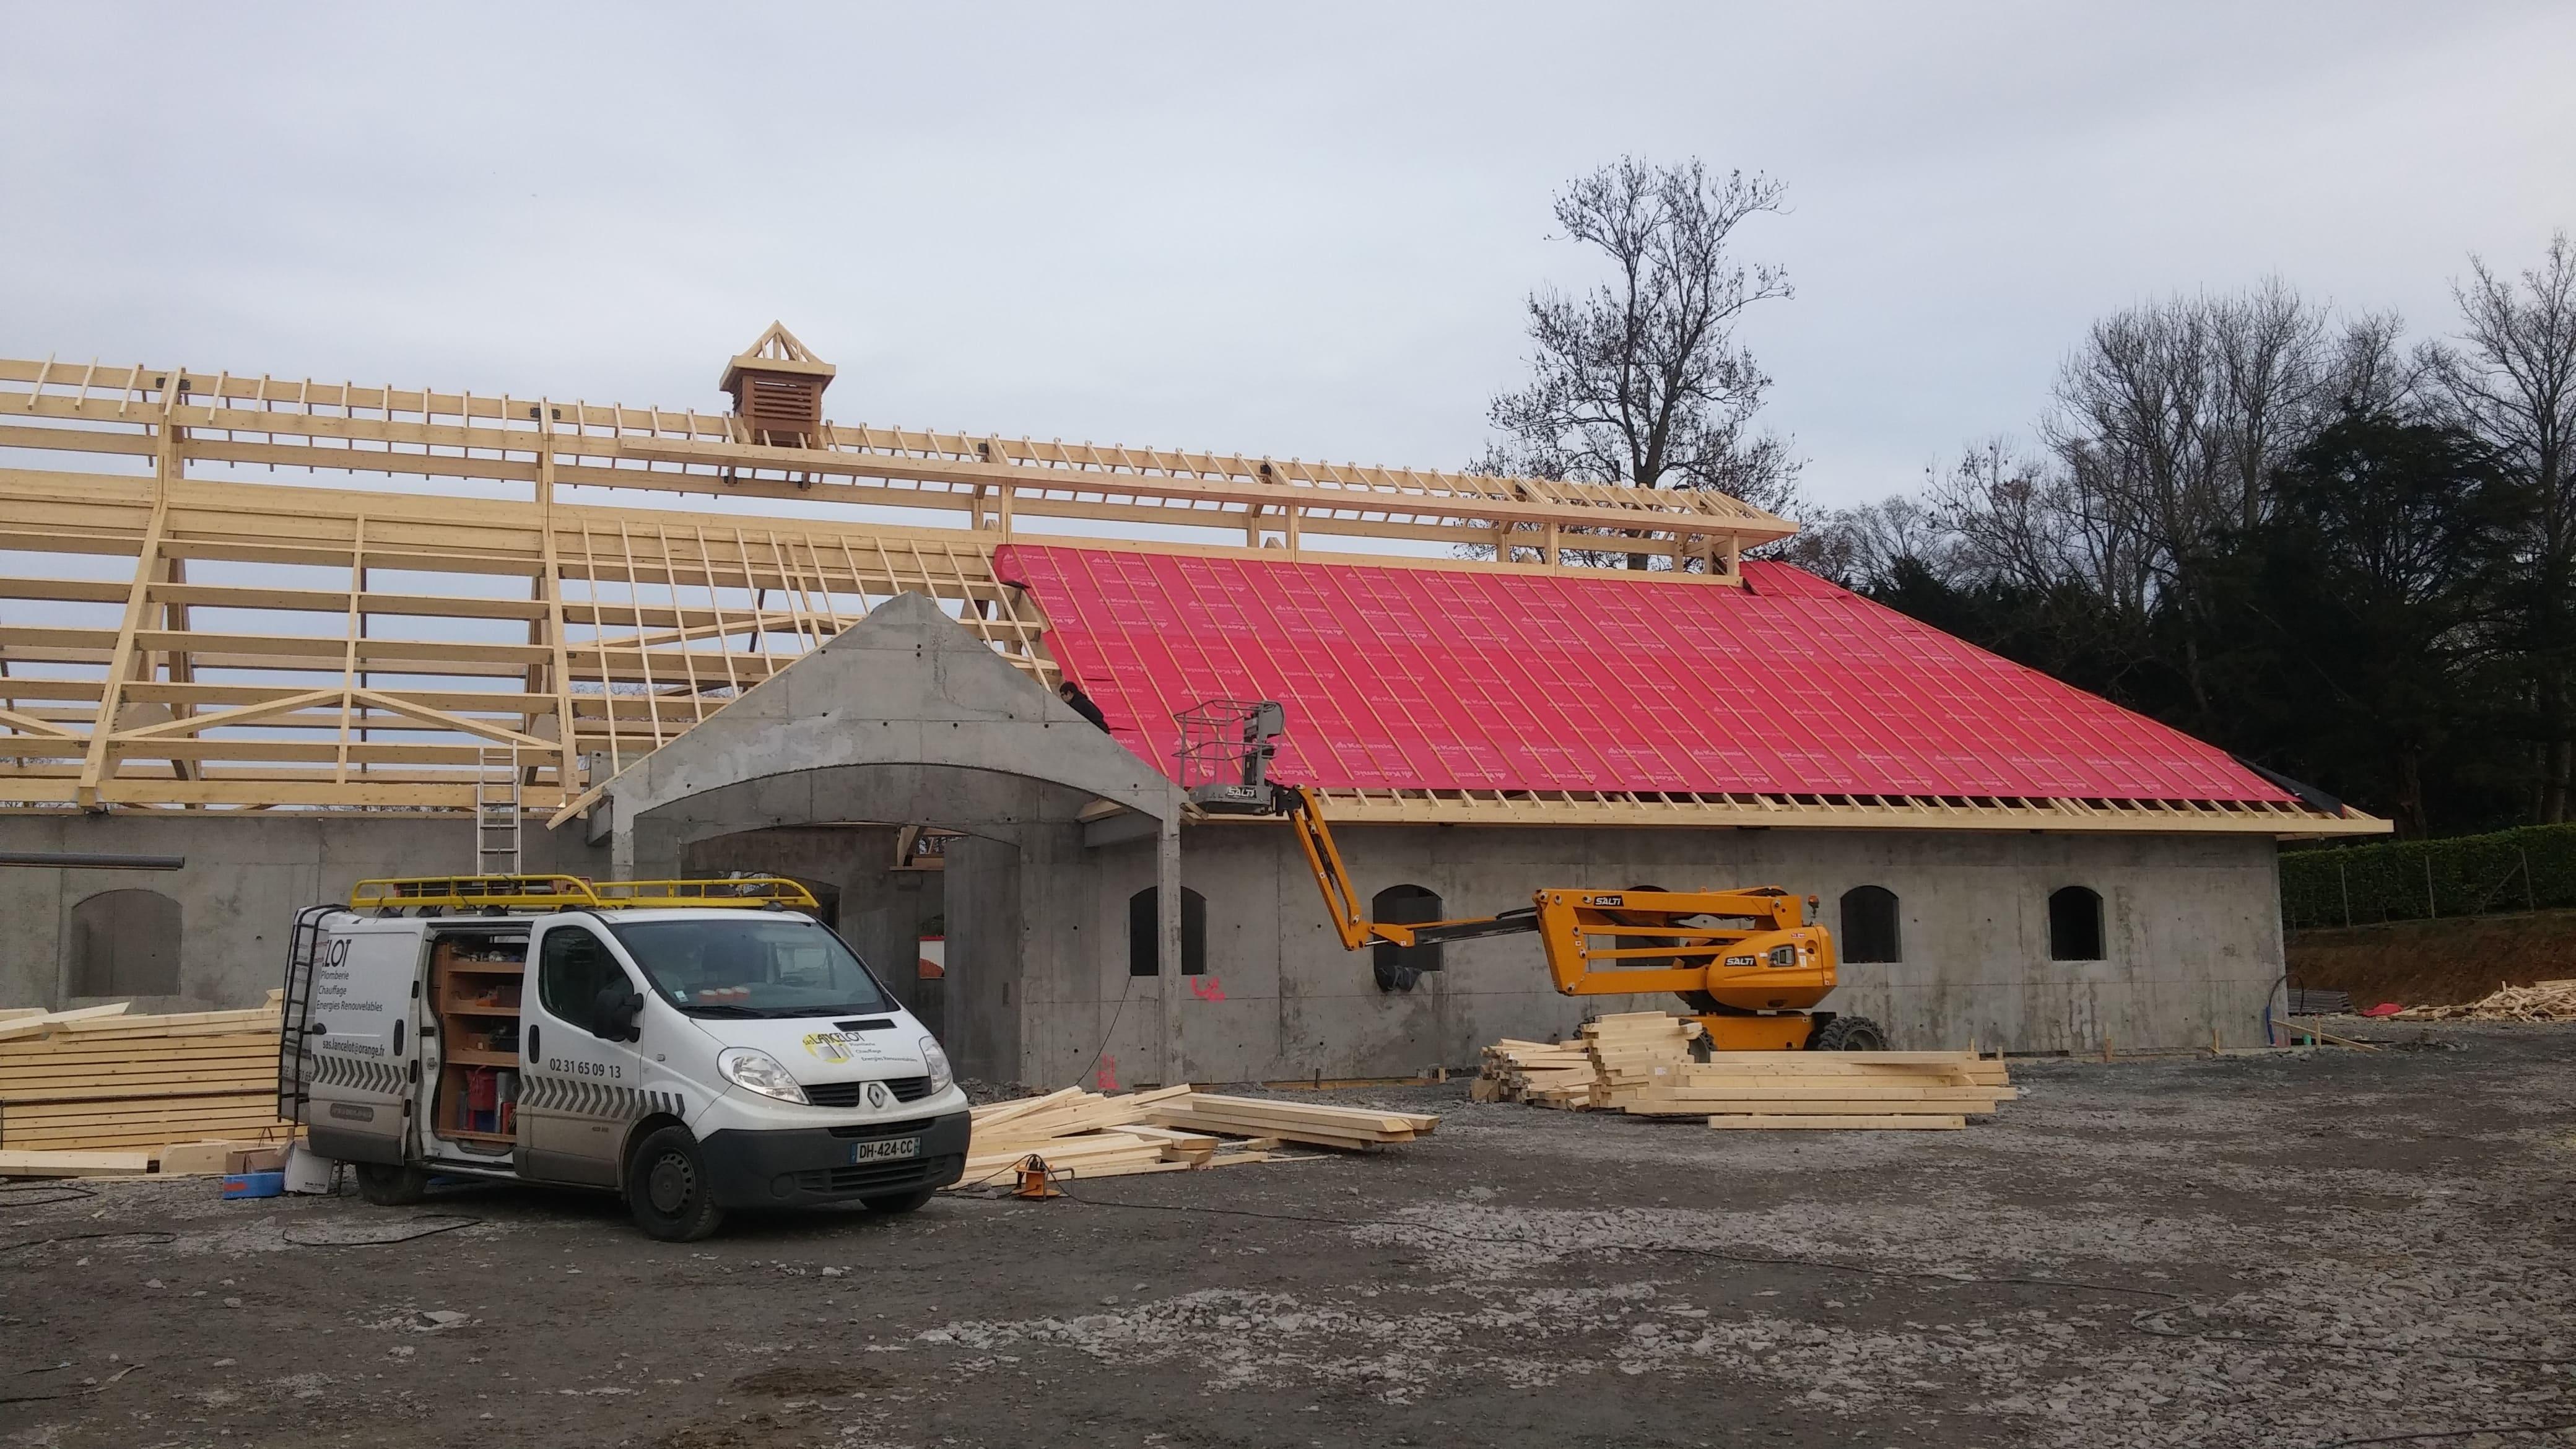 Travaux de construction d'un haras, passage de réseaux d'alimentation d'eau et mise en place d'équipements sanitaires à Cambremer (14340) - Entre Lisieux et Caen